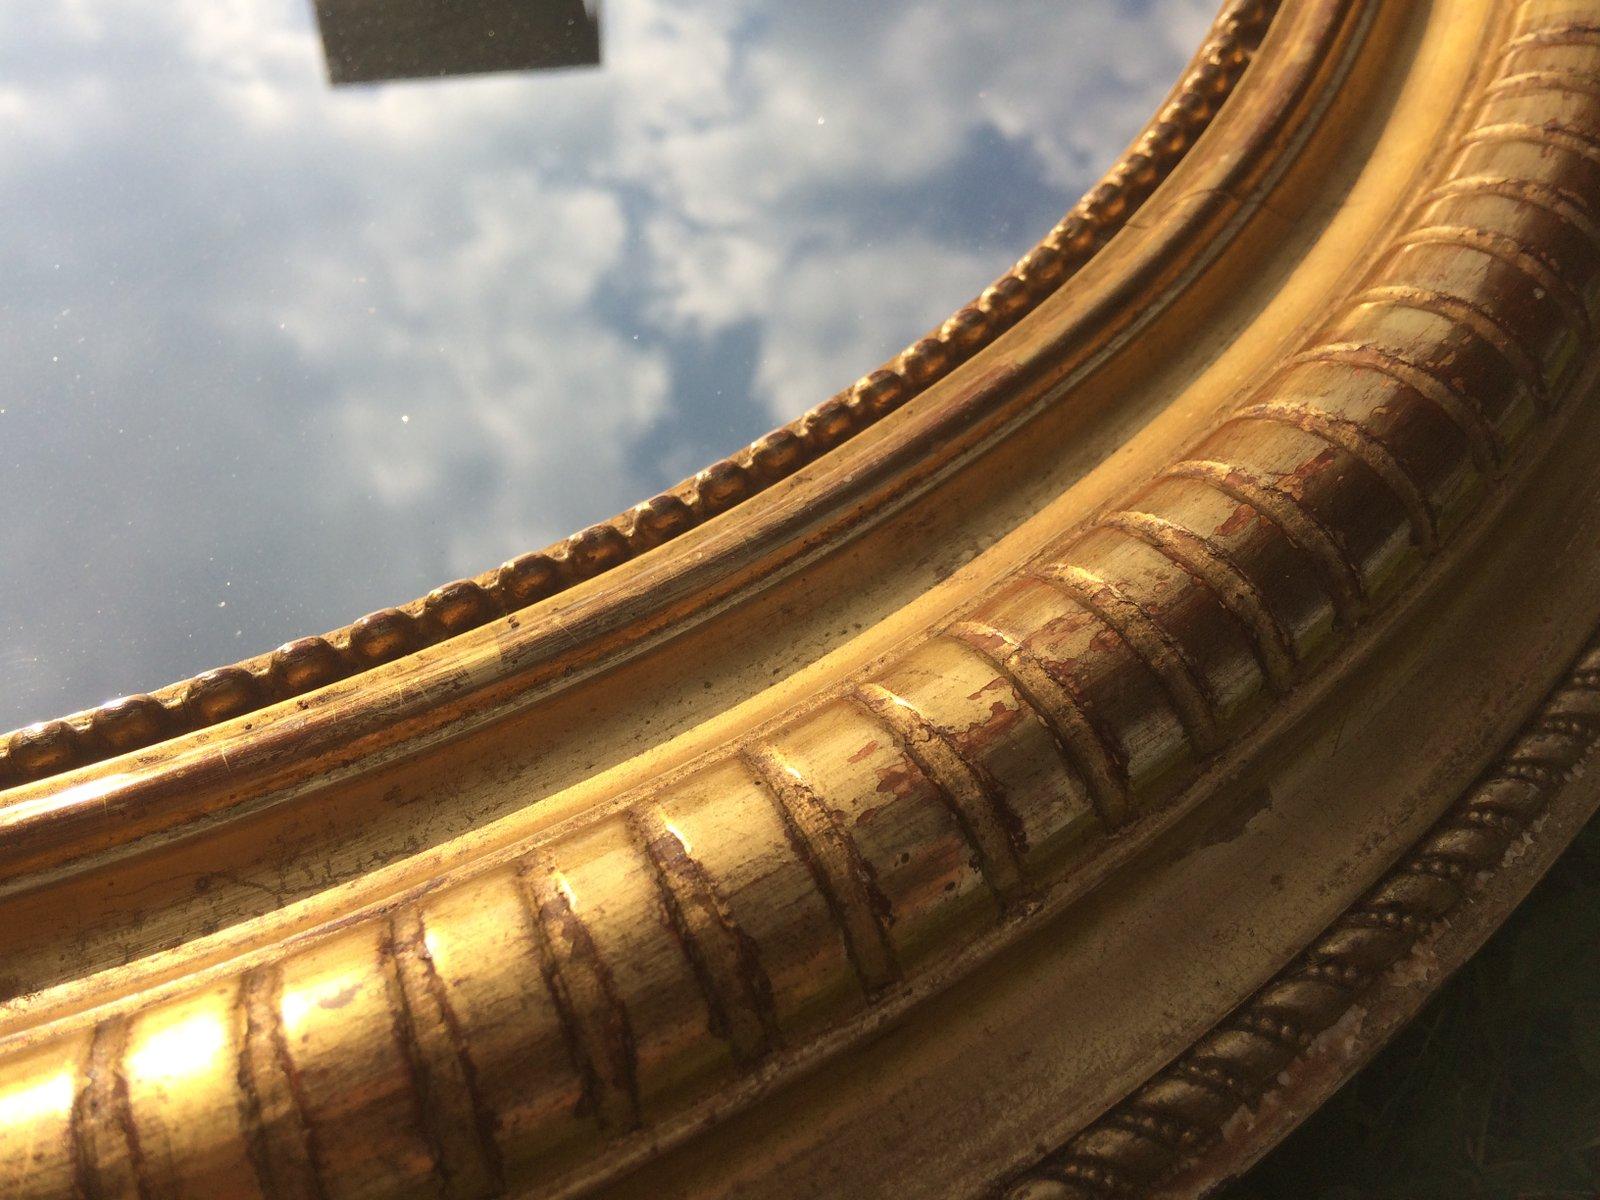 Specchio napoleone iii antico dorato in vendita su pamono - Specchio dorato antico ...